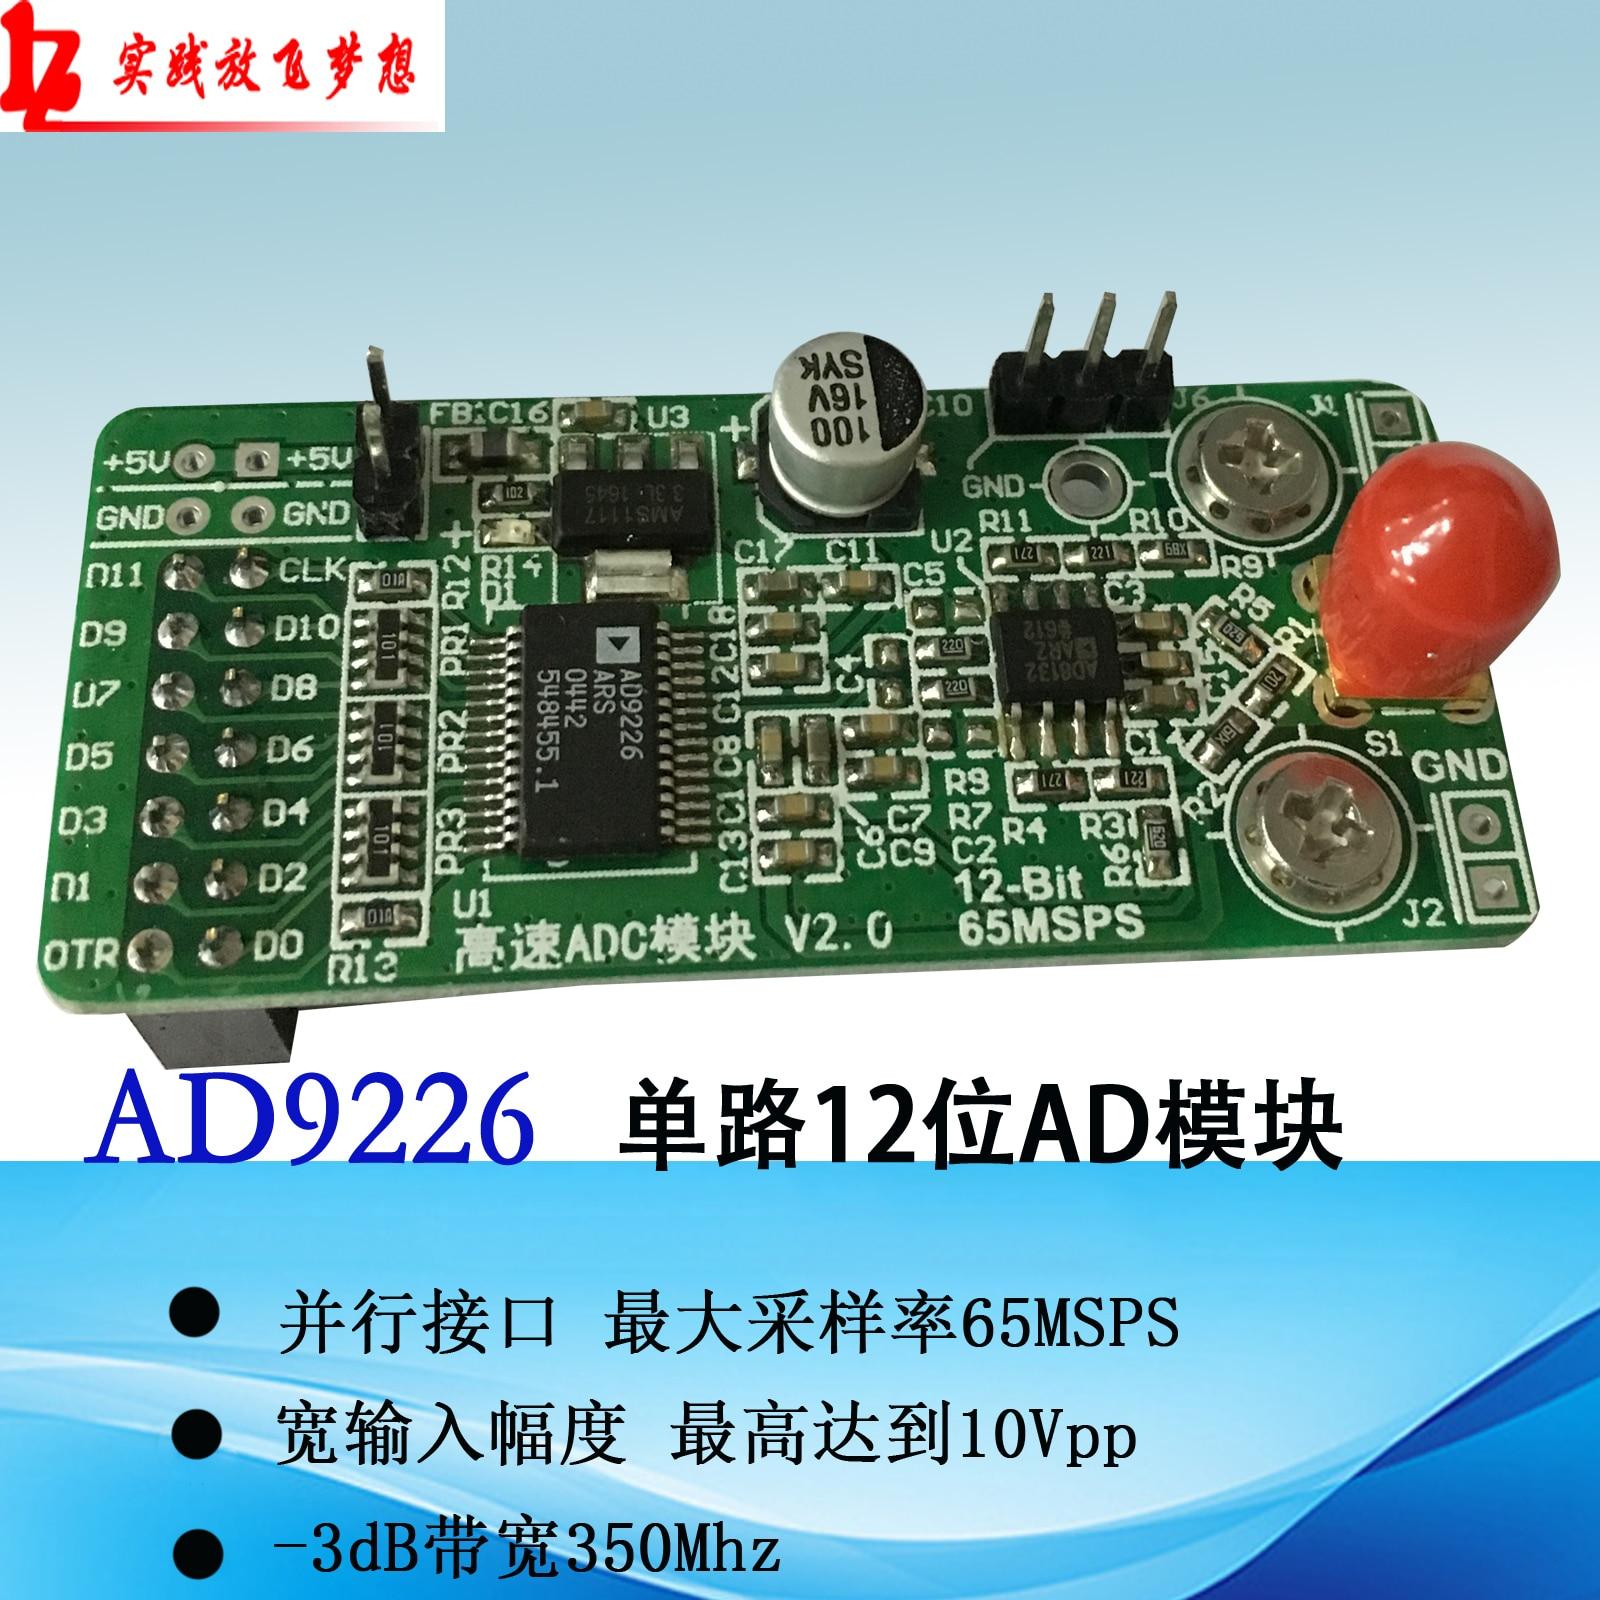 High Speed Ad modul AD9226 Modul Parallel 12 Bit AD 65 Mt Datenerfassung FPGA Entwicklungsboard-in Instrumententeile & Zubehör aus Werkzeug bei